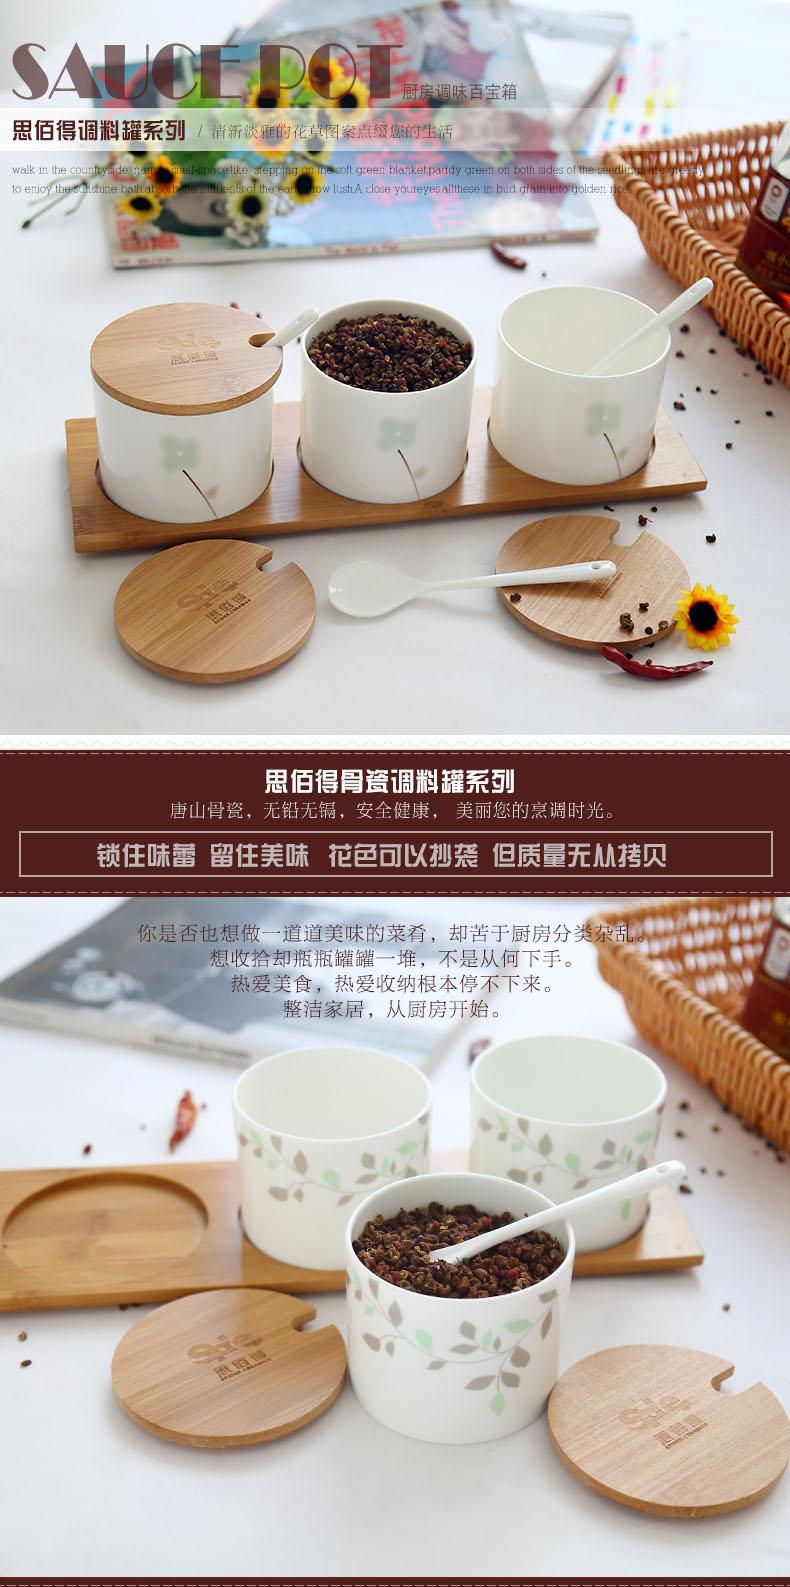 精美高档一级万博manbetx地址调料罐三件manbetx登陆,带有配套木质杯盖与底座,家庭厨房与餐桌的时尚选择。